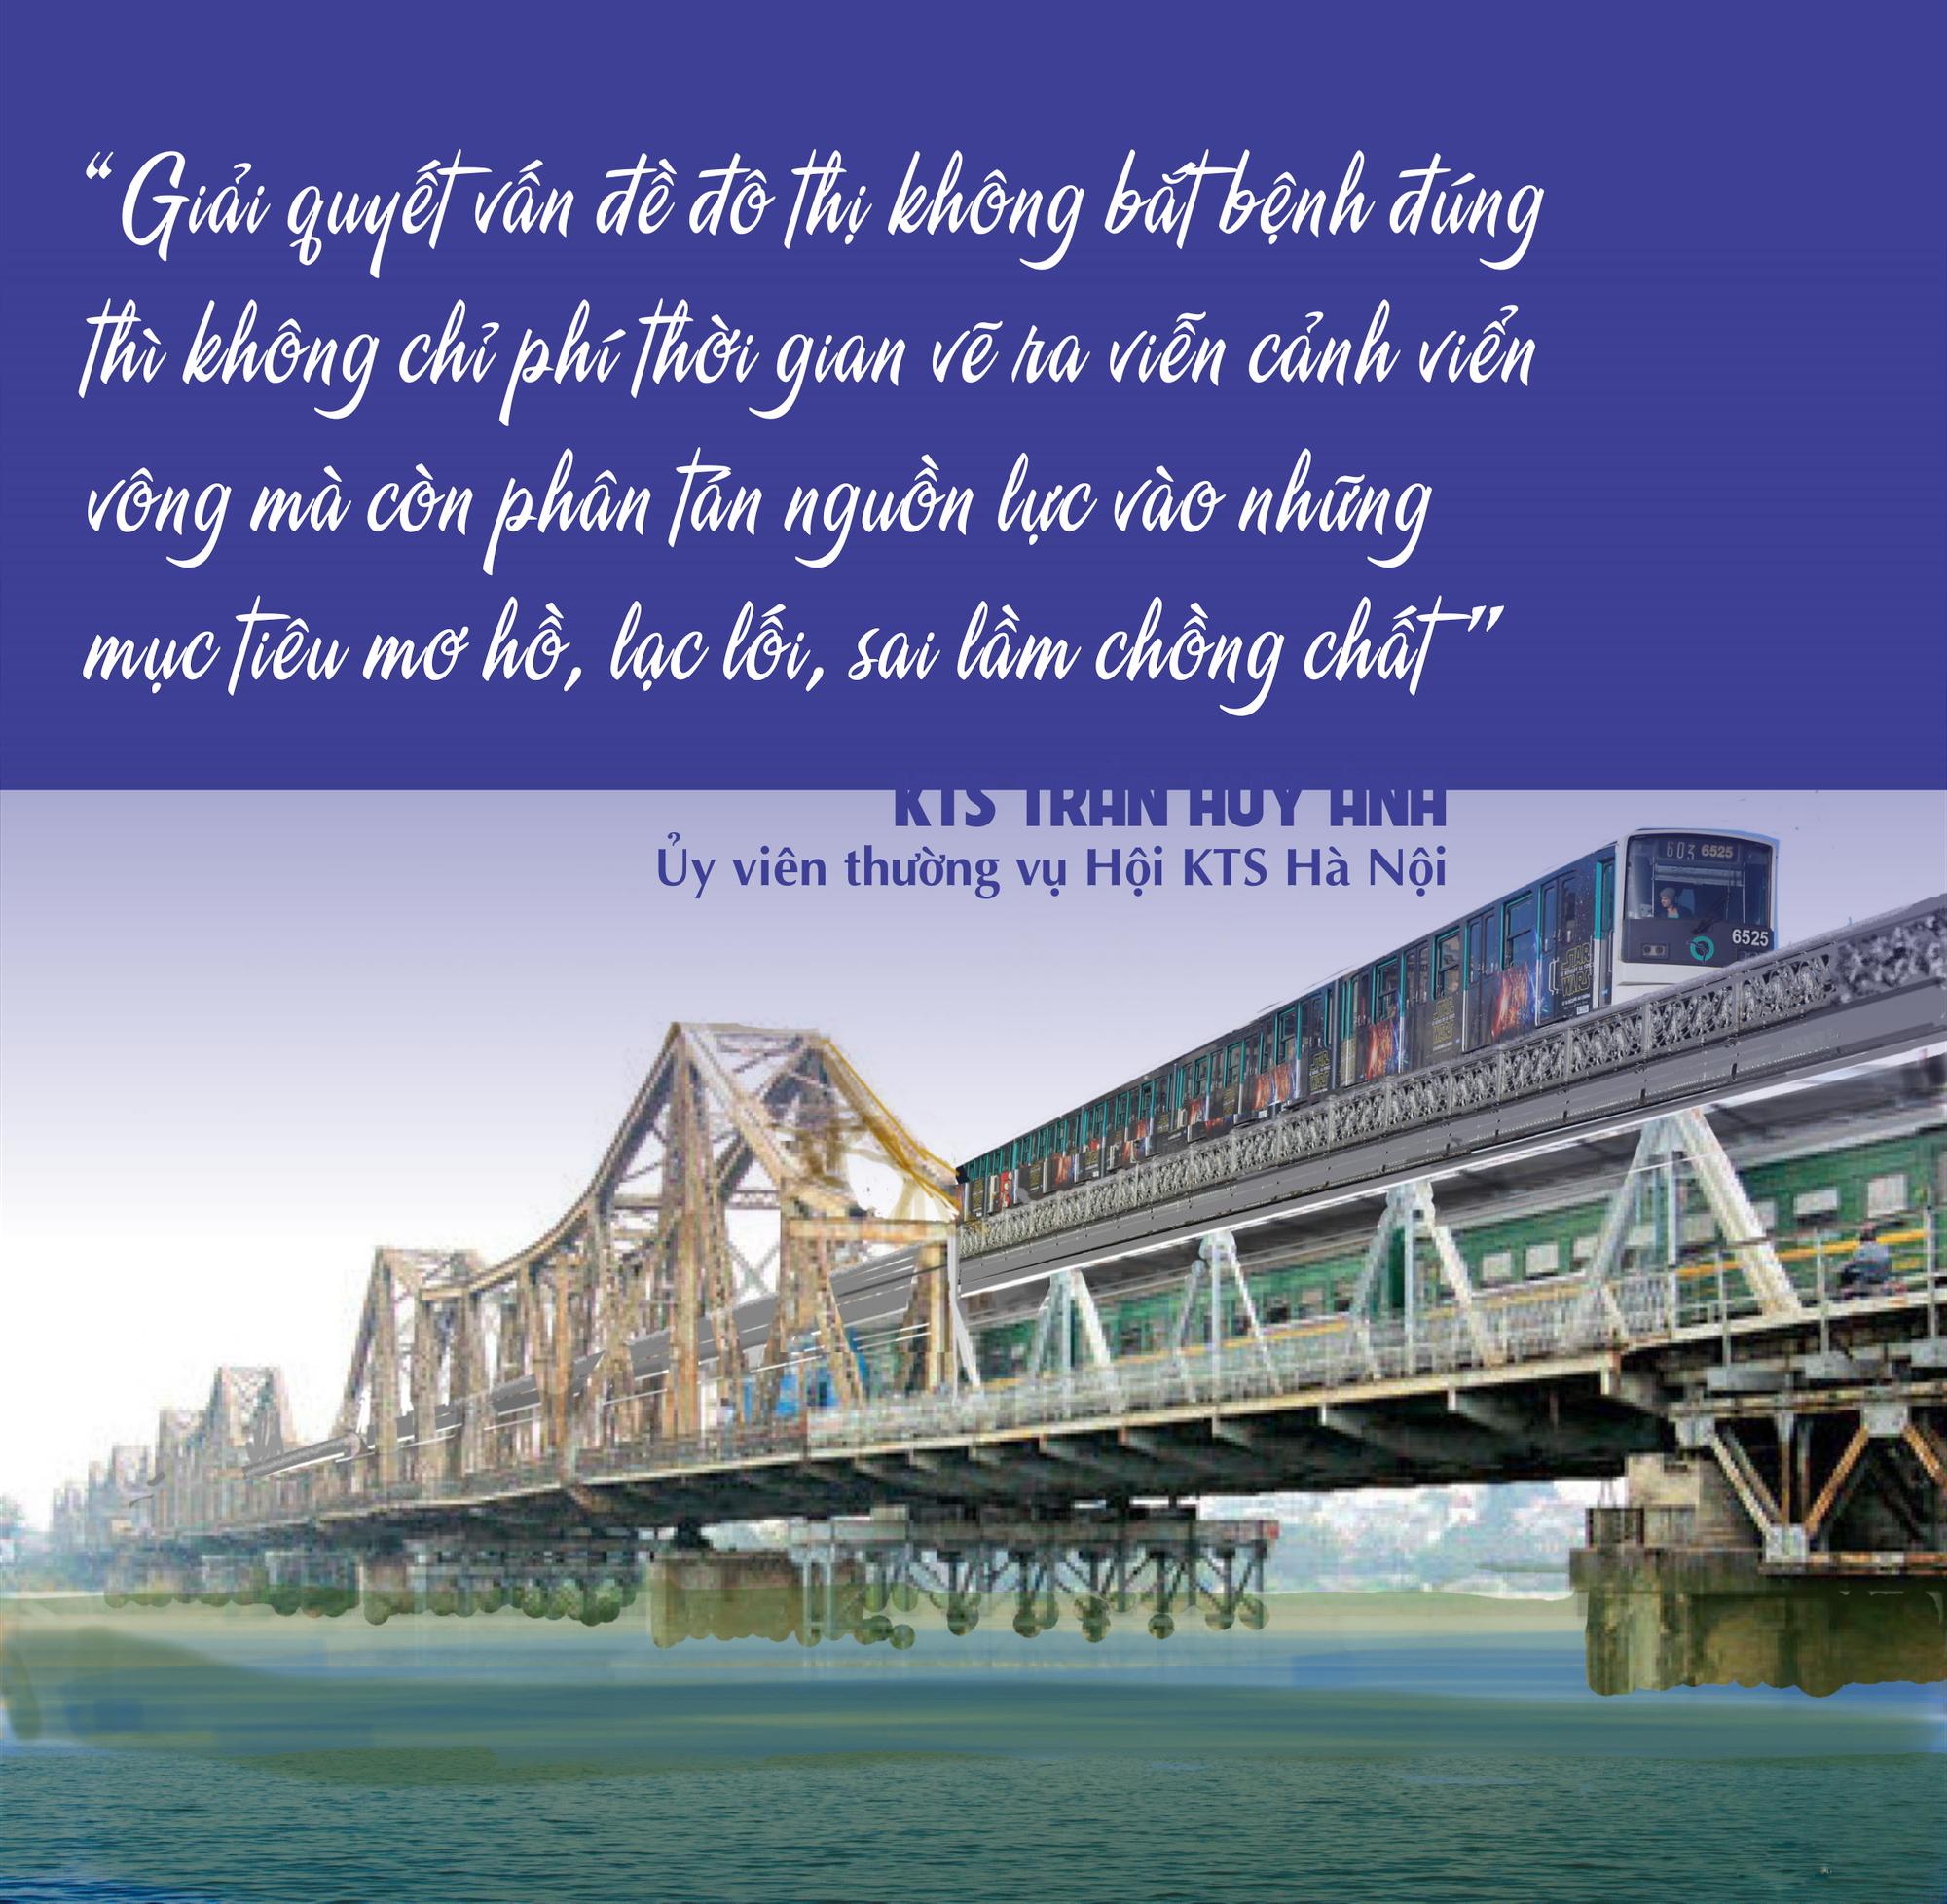 """""""Giải cứu"""" cầu Long Biên và ý tưởng làm giàu từ những cầu cầu của Hà Nội - Ảnh 4."""